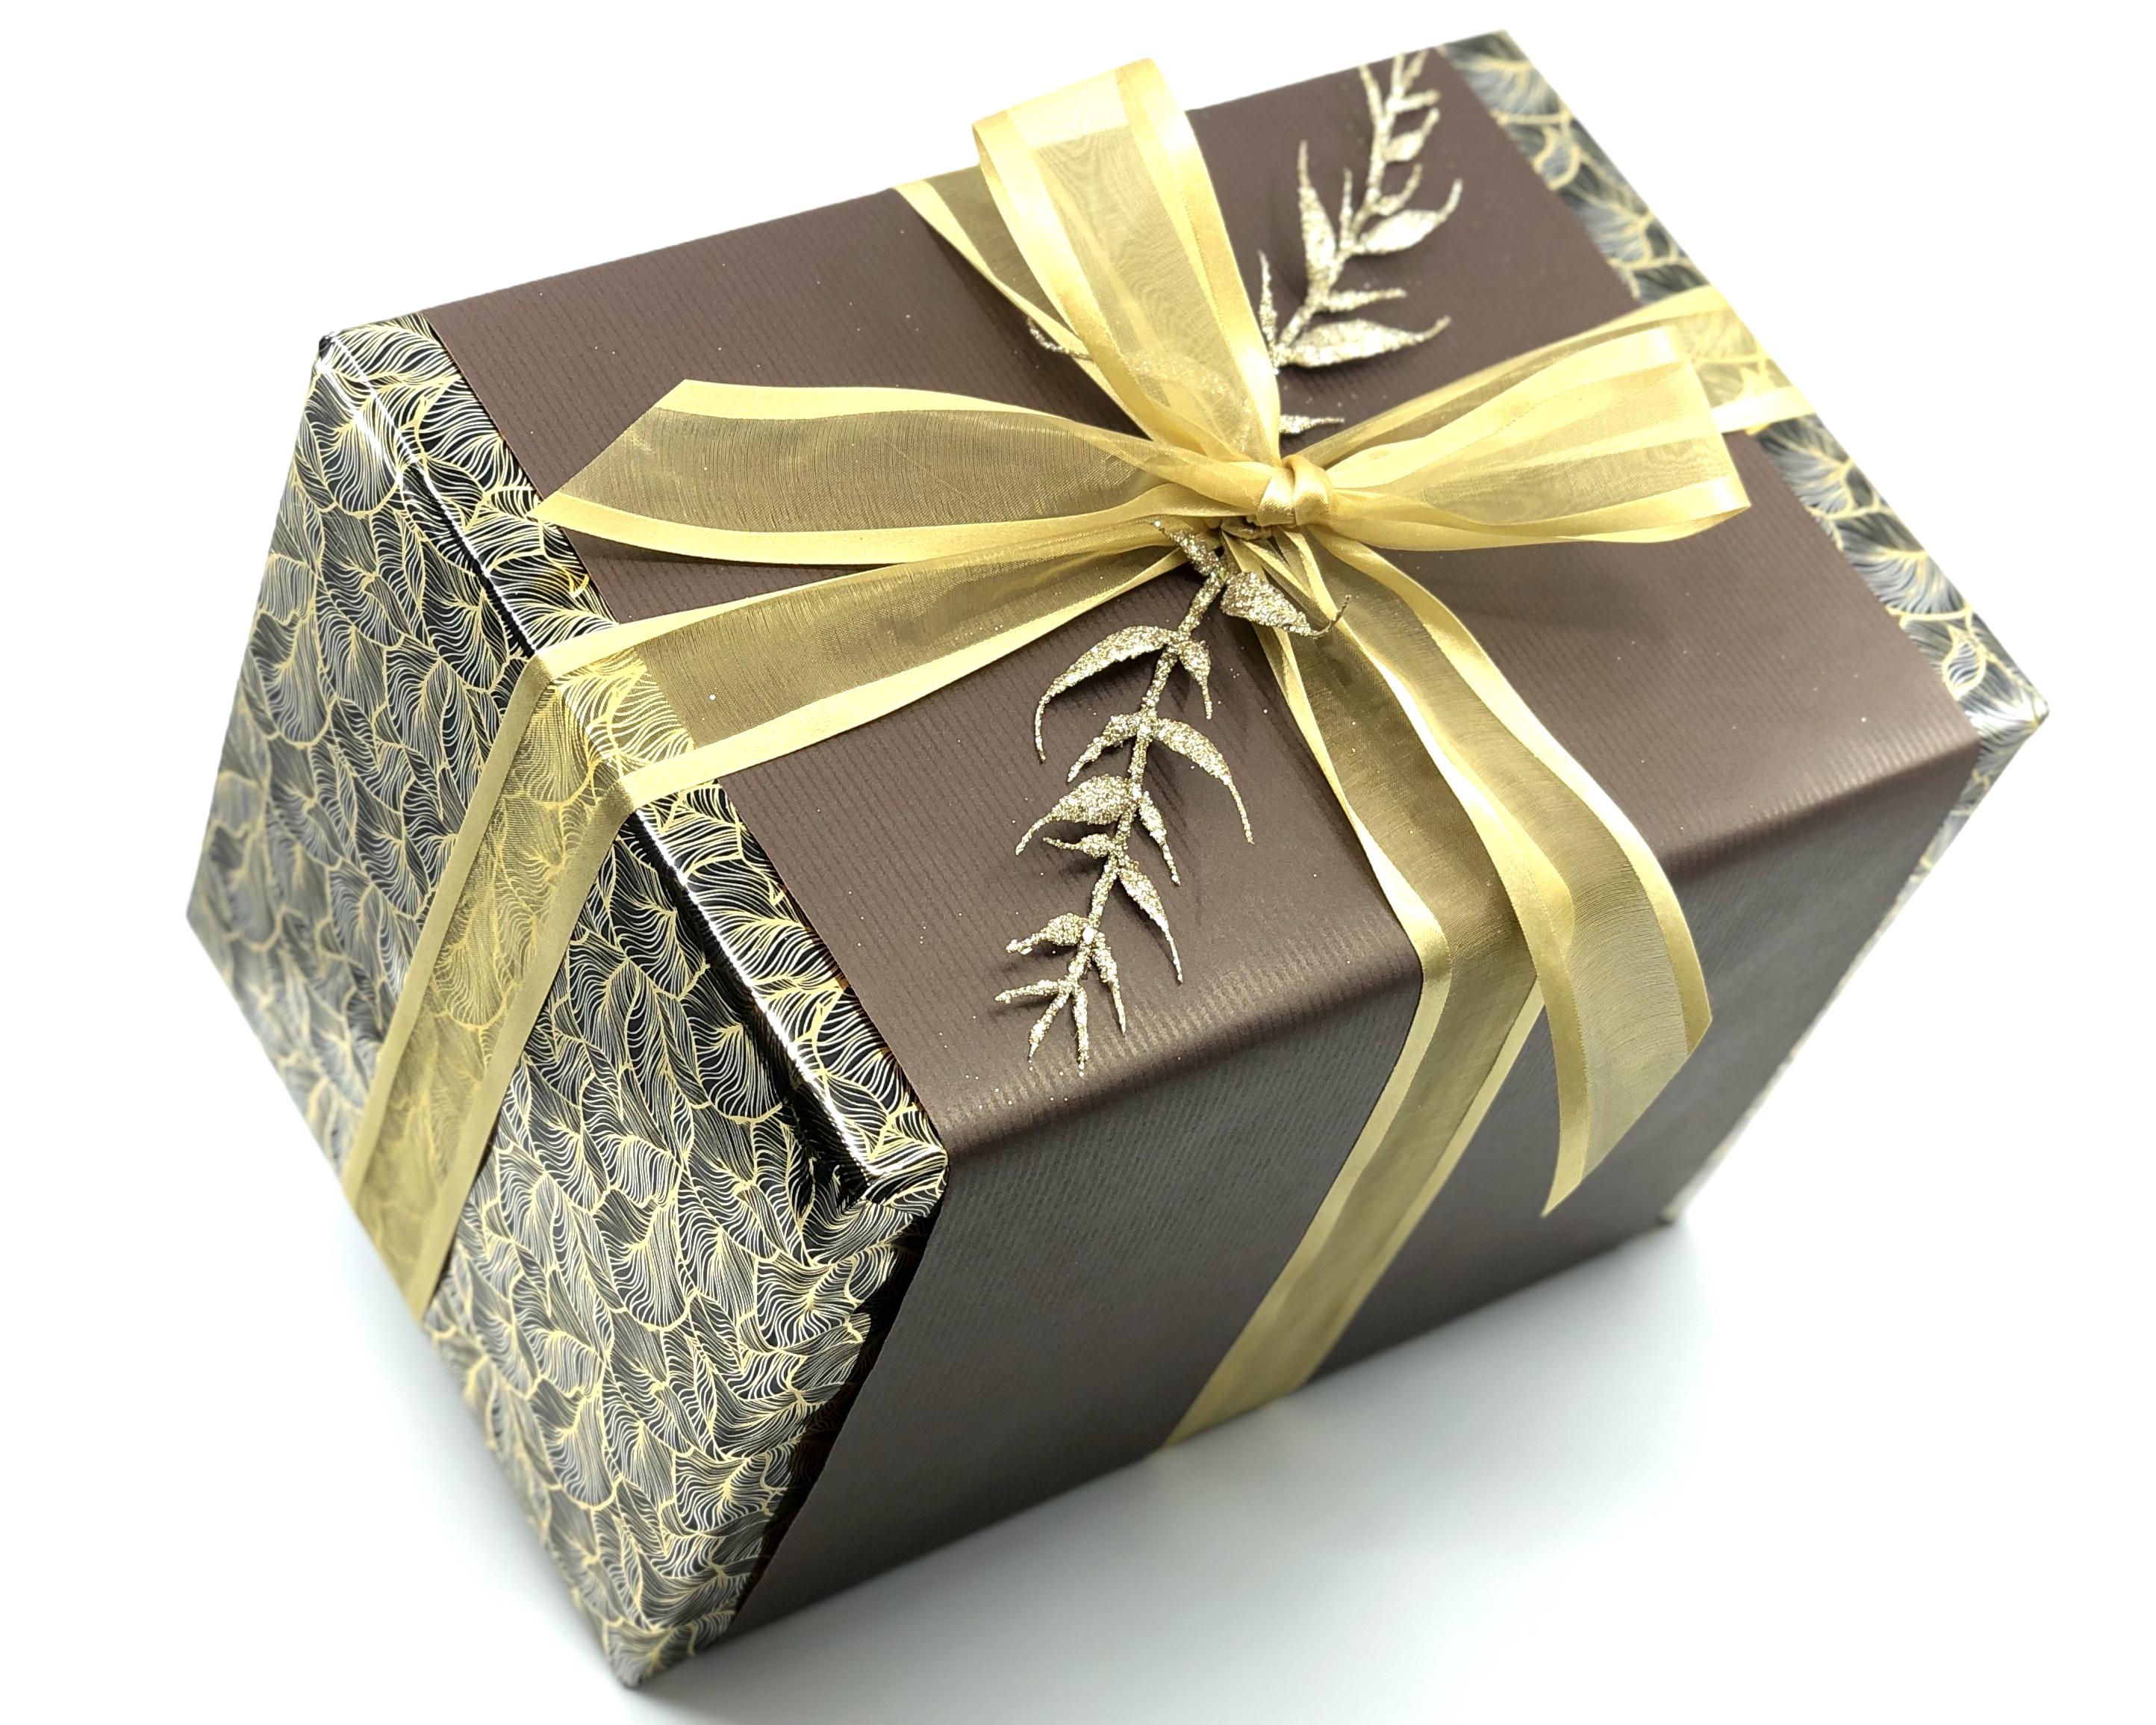 Geschenk inpakken